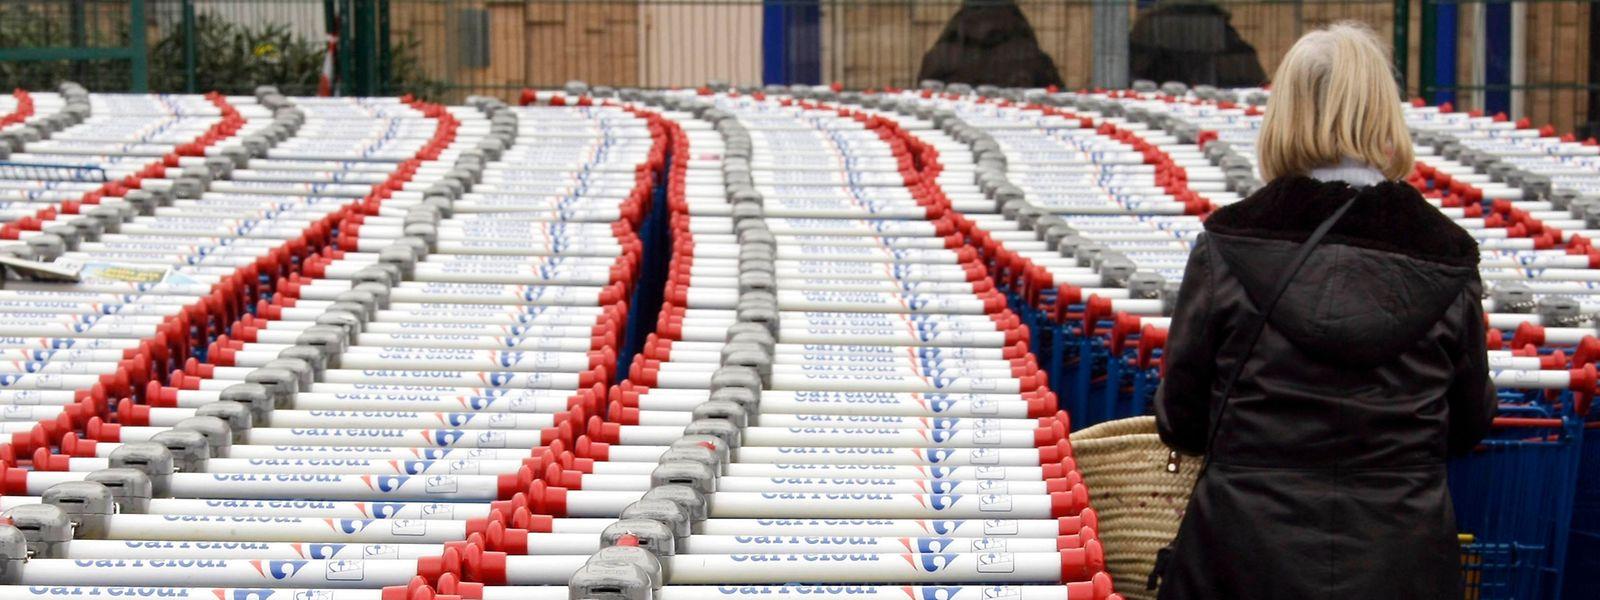 Les Luxembourgeois ré-envisagent de faire des achats importants dans les temps à venir.